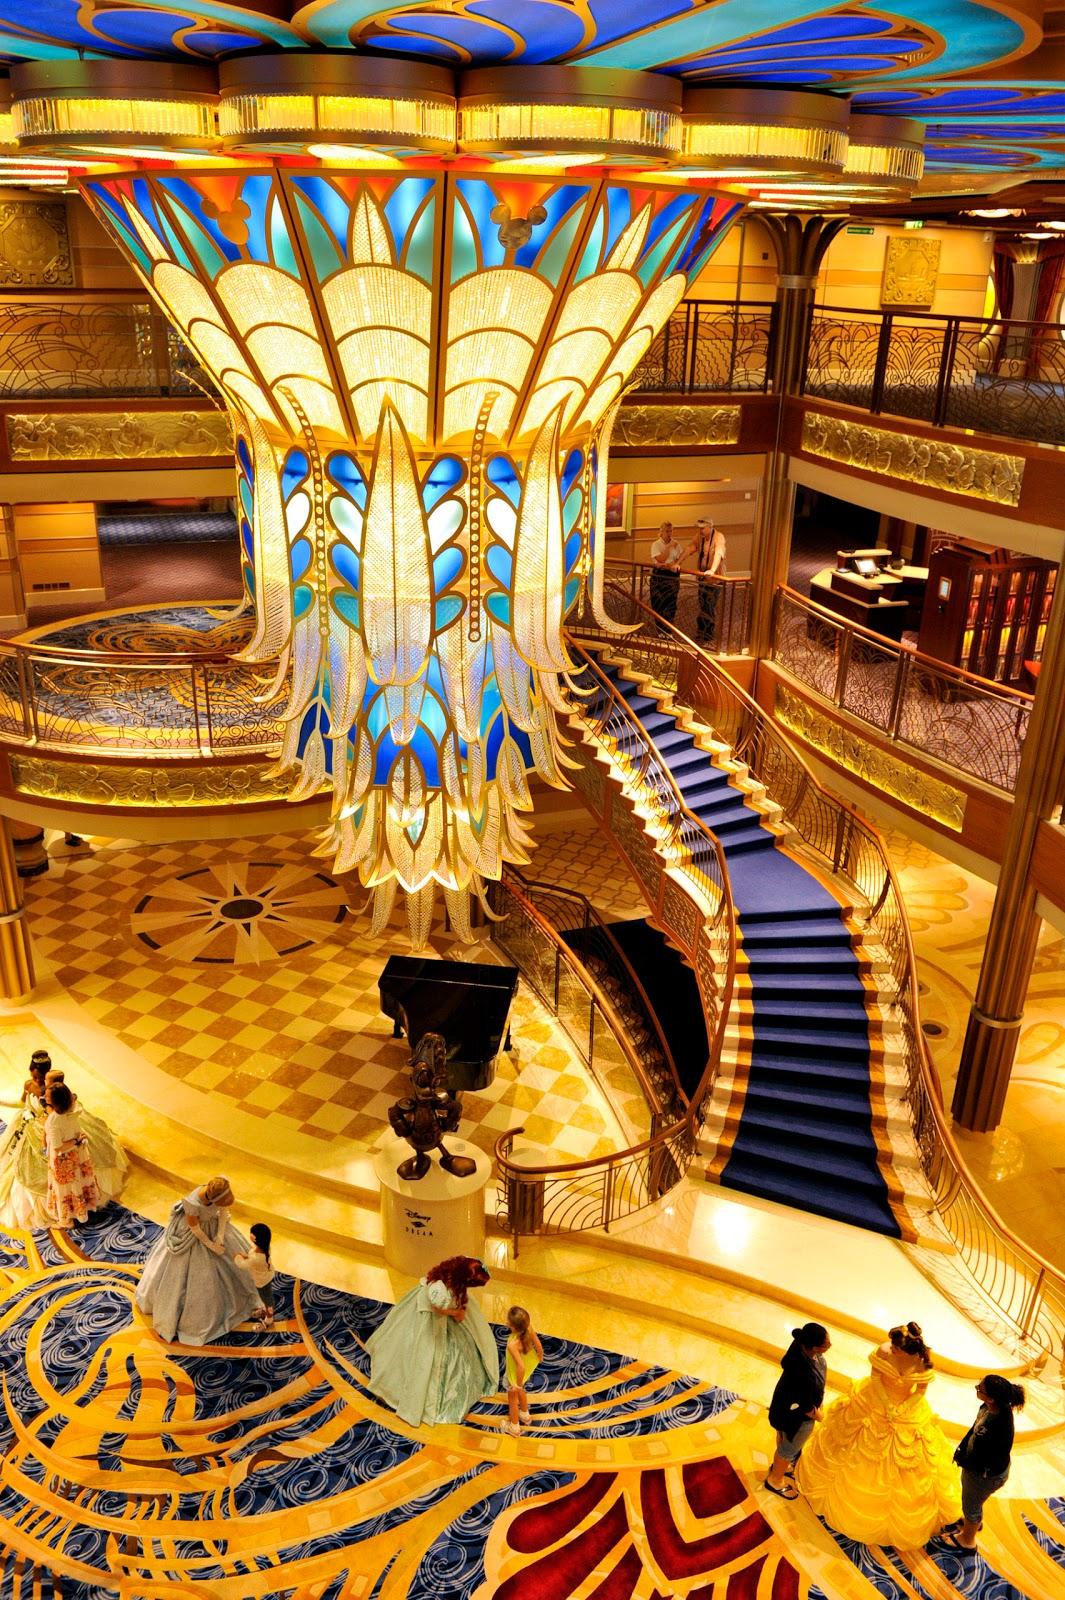 Inside The Disney Dream: Focus On...Interior Design, Part III